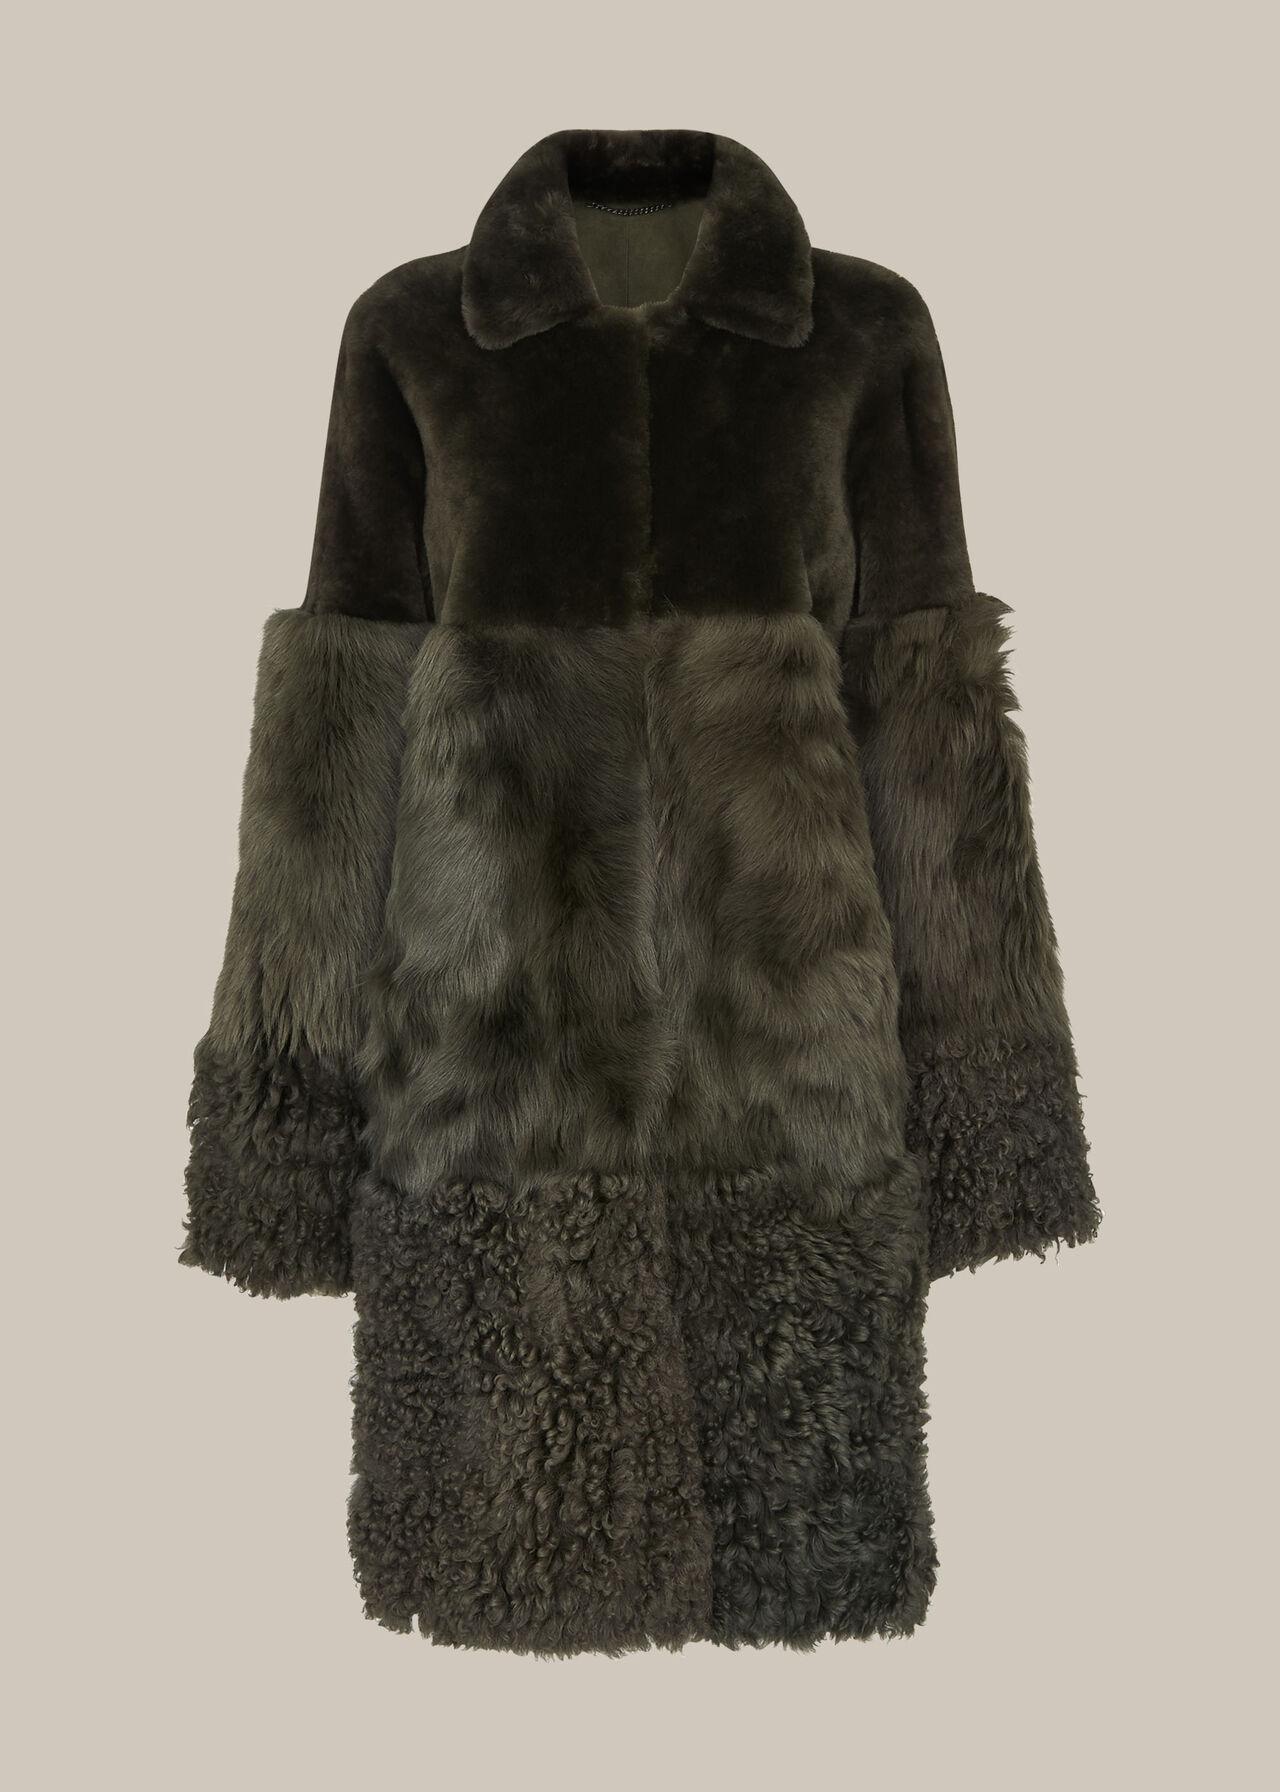 Cosma Shearling Coat